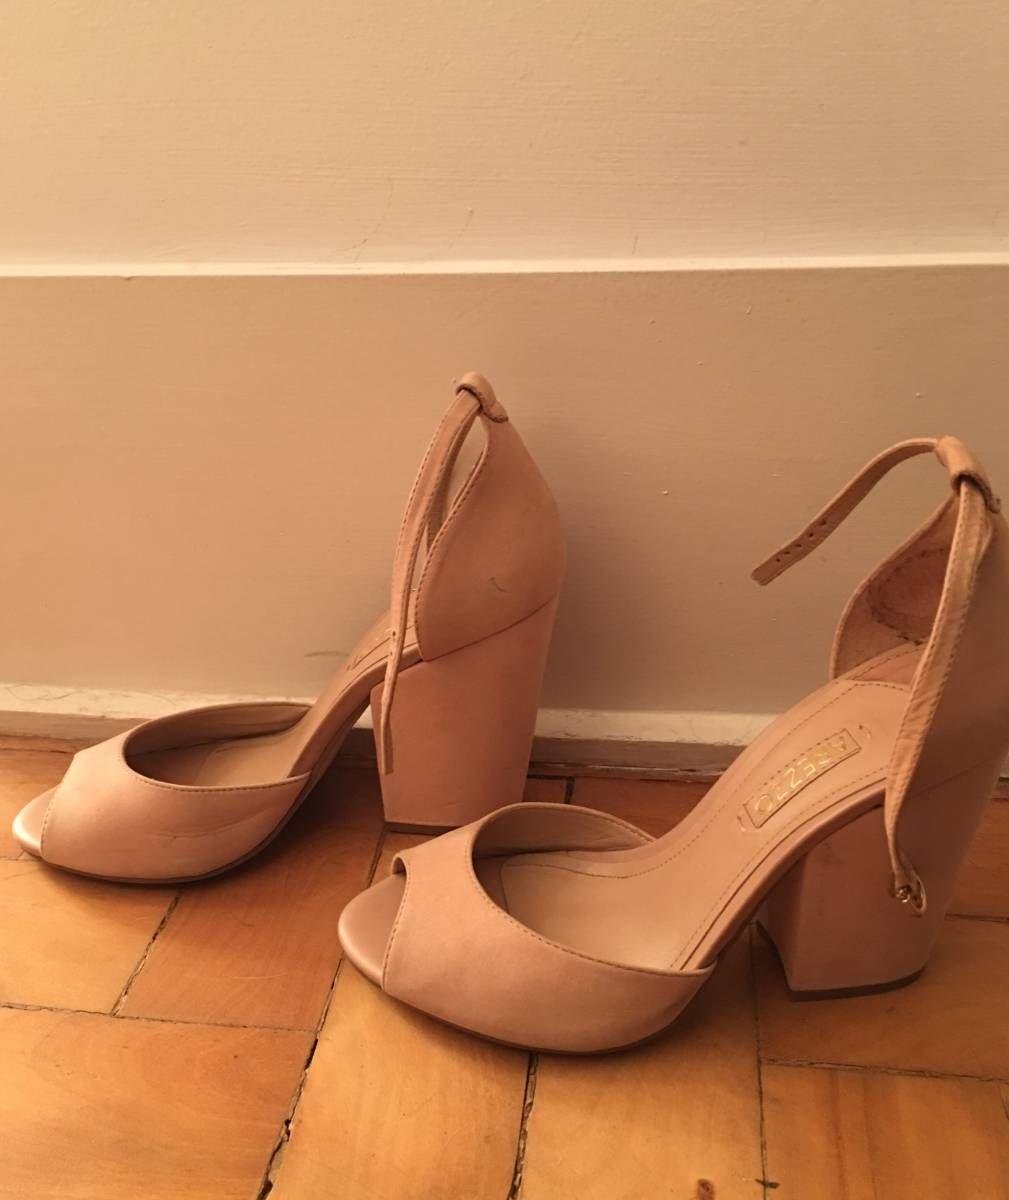 cc7eb1892 sapato salto bloco nude arezzo - sapatos arezzo | TACONES, SANDALIAS ...